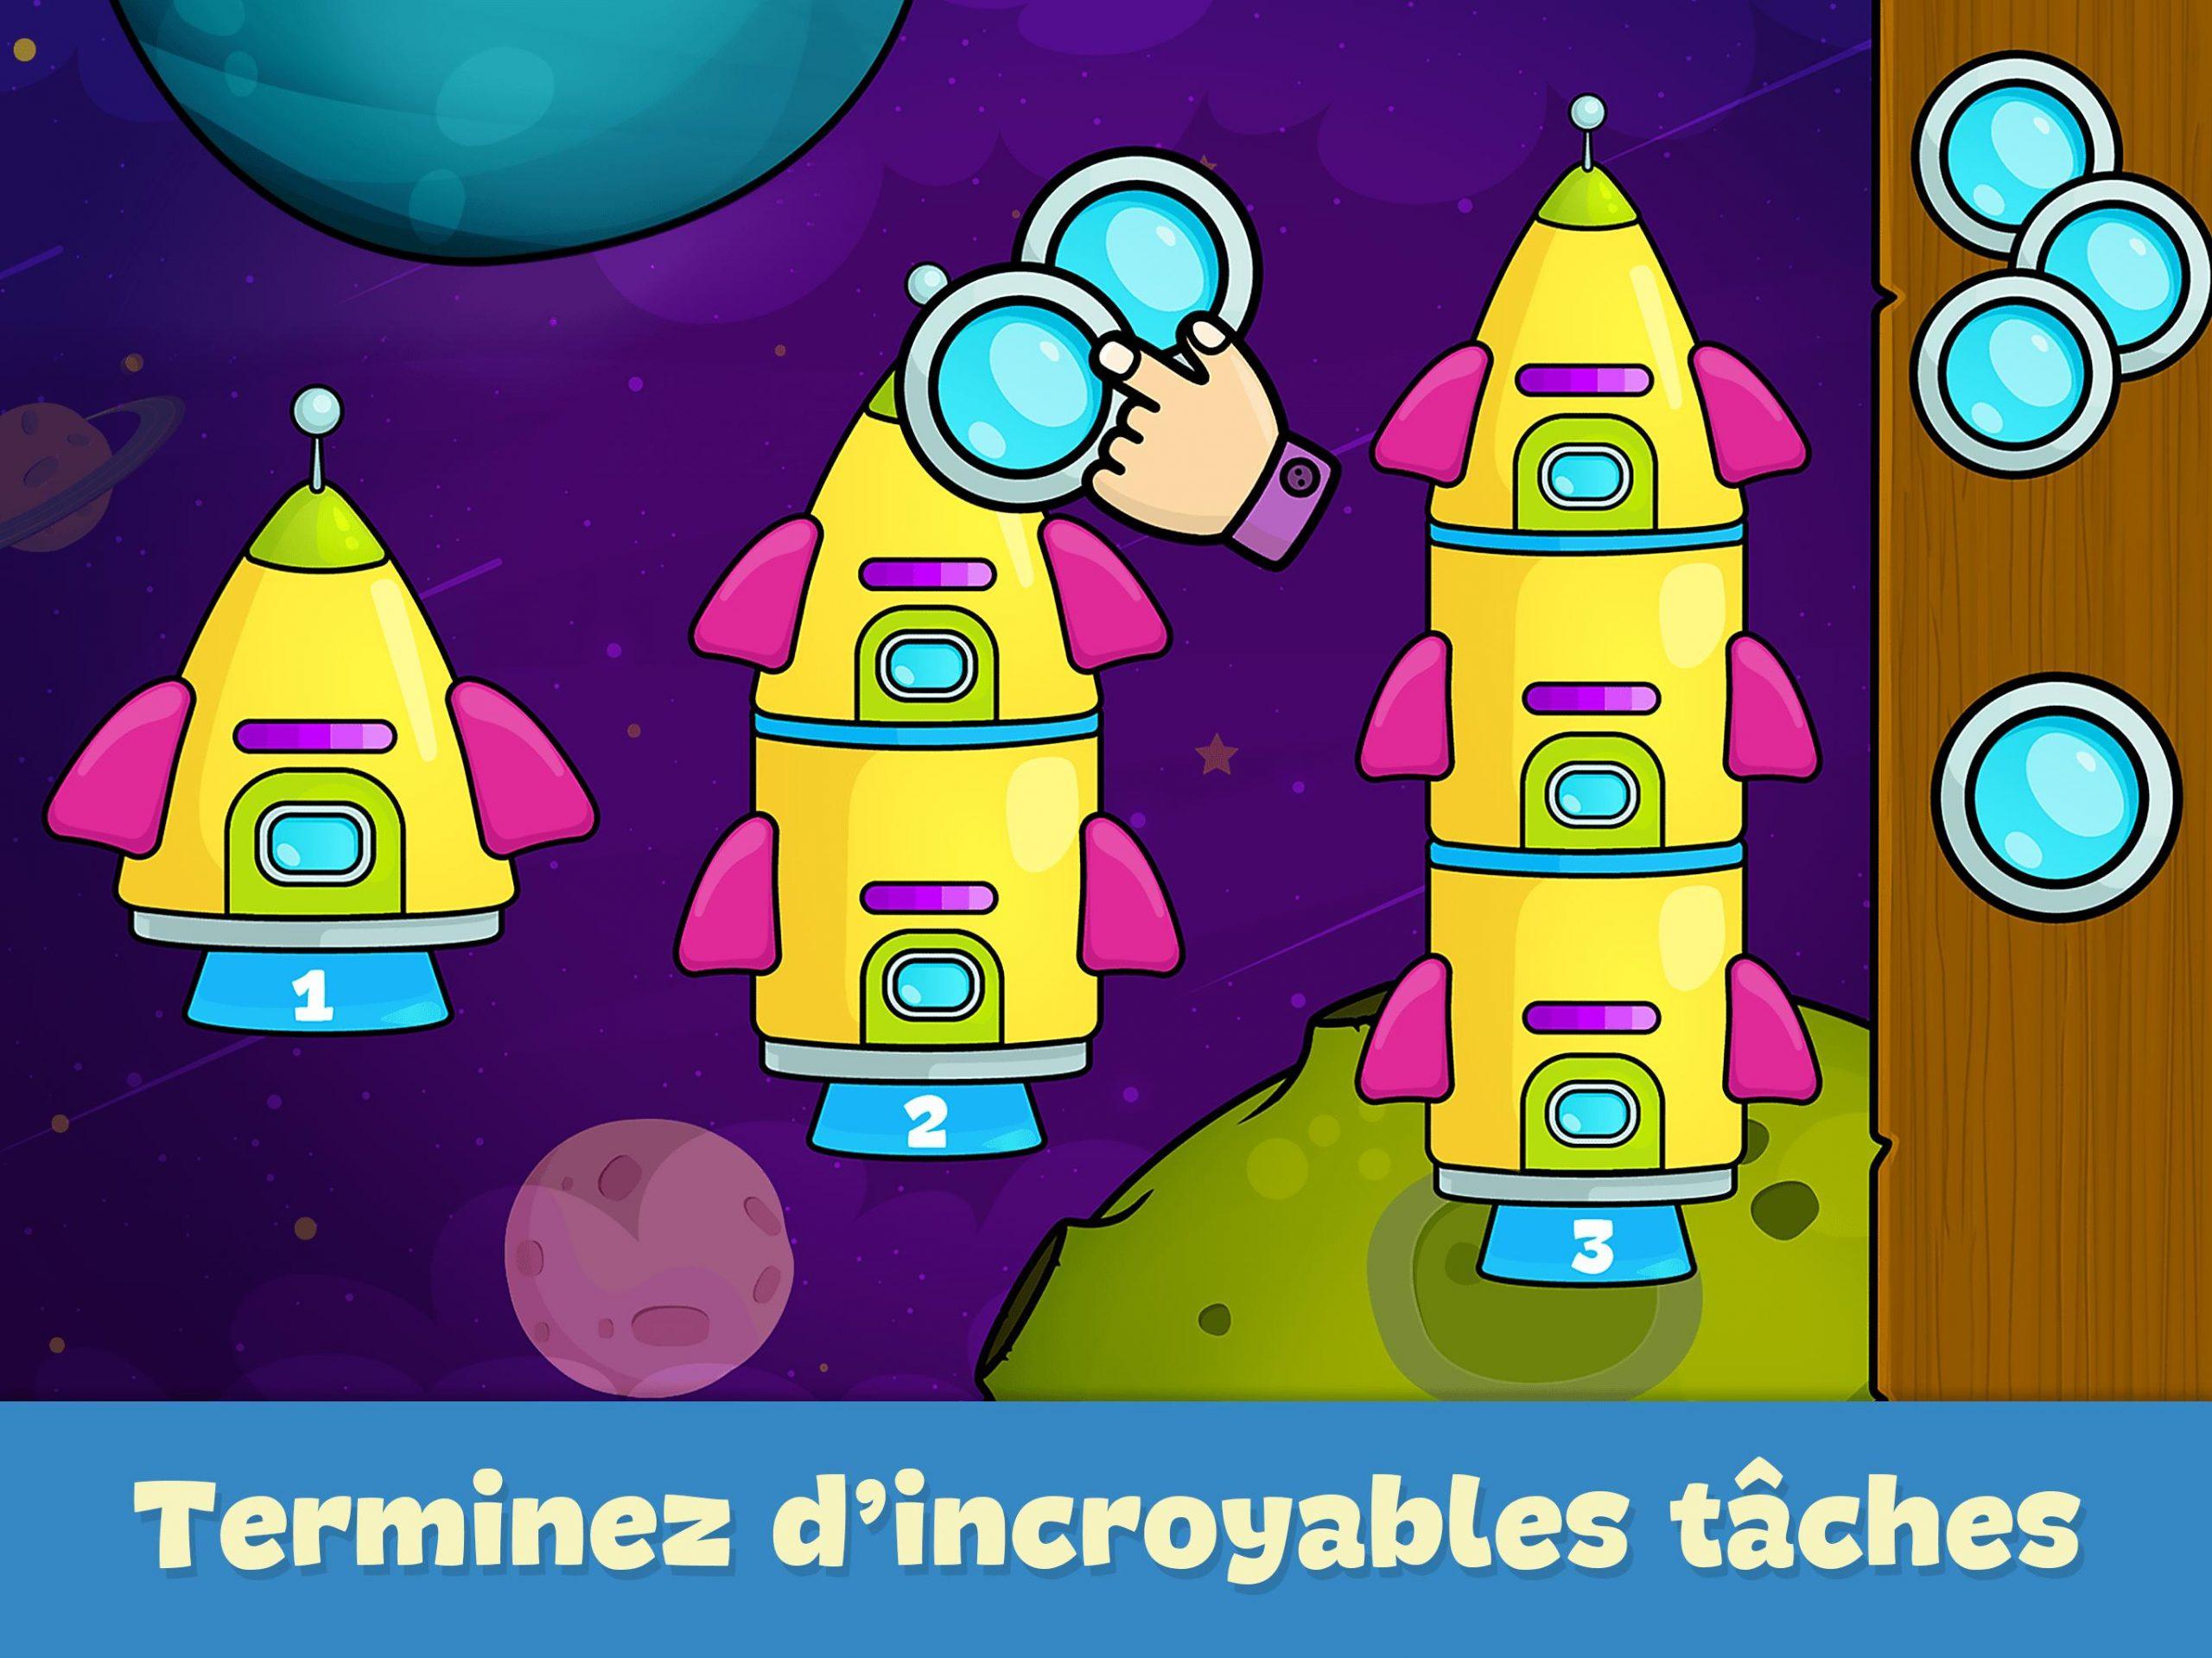 Jeux Pour Enfants 2 - 5 Ans Pour Android - Téléchargez L'apk pour Jeux Educatif Gratuit Pour Fille De 5 Ans